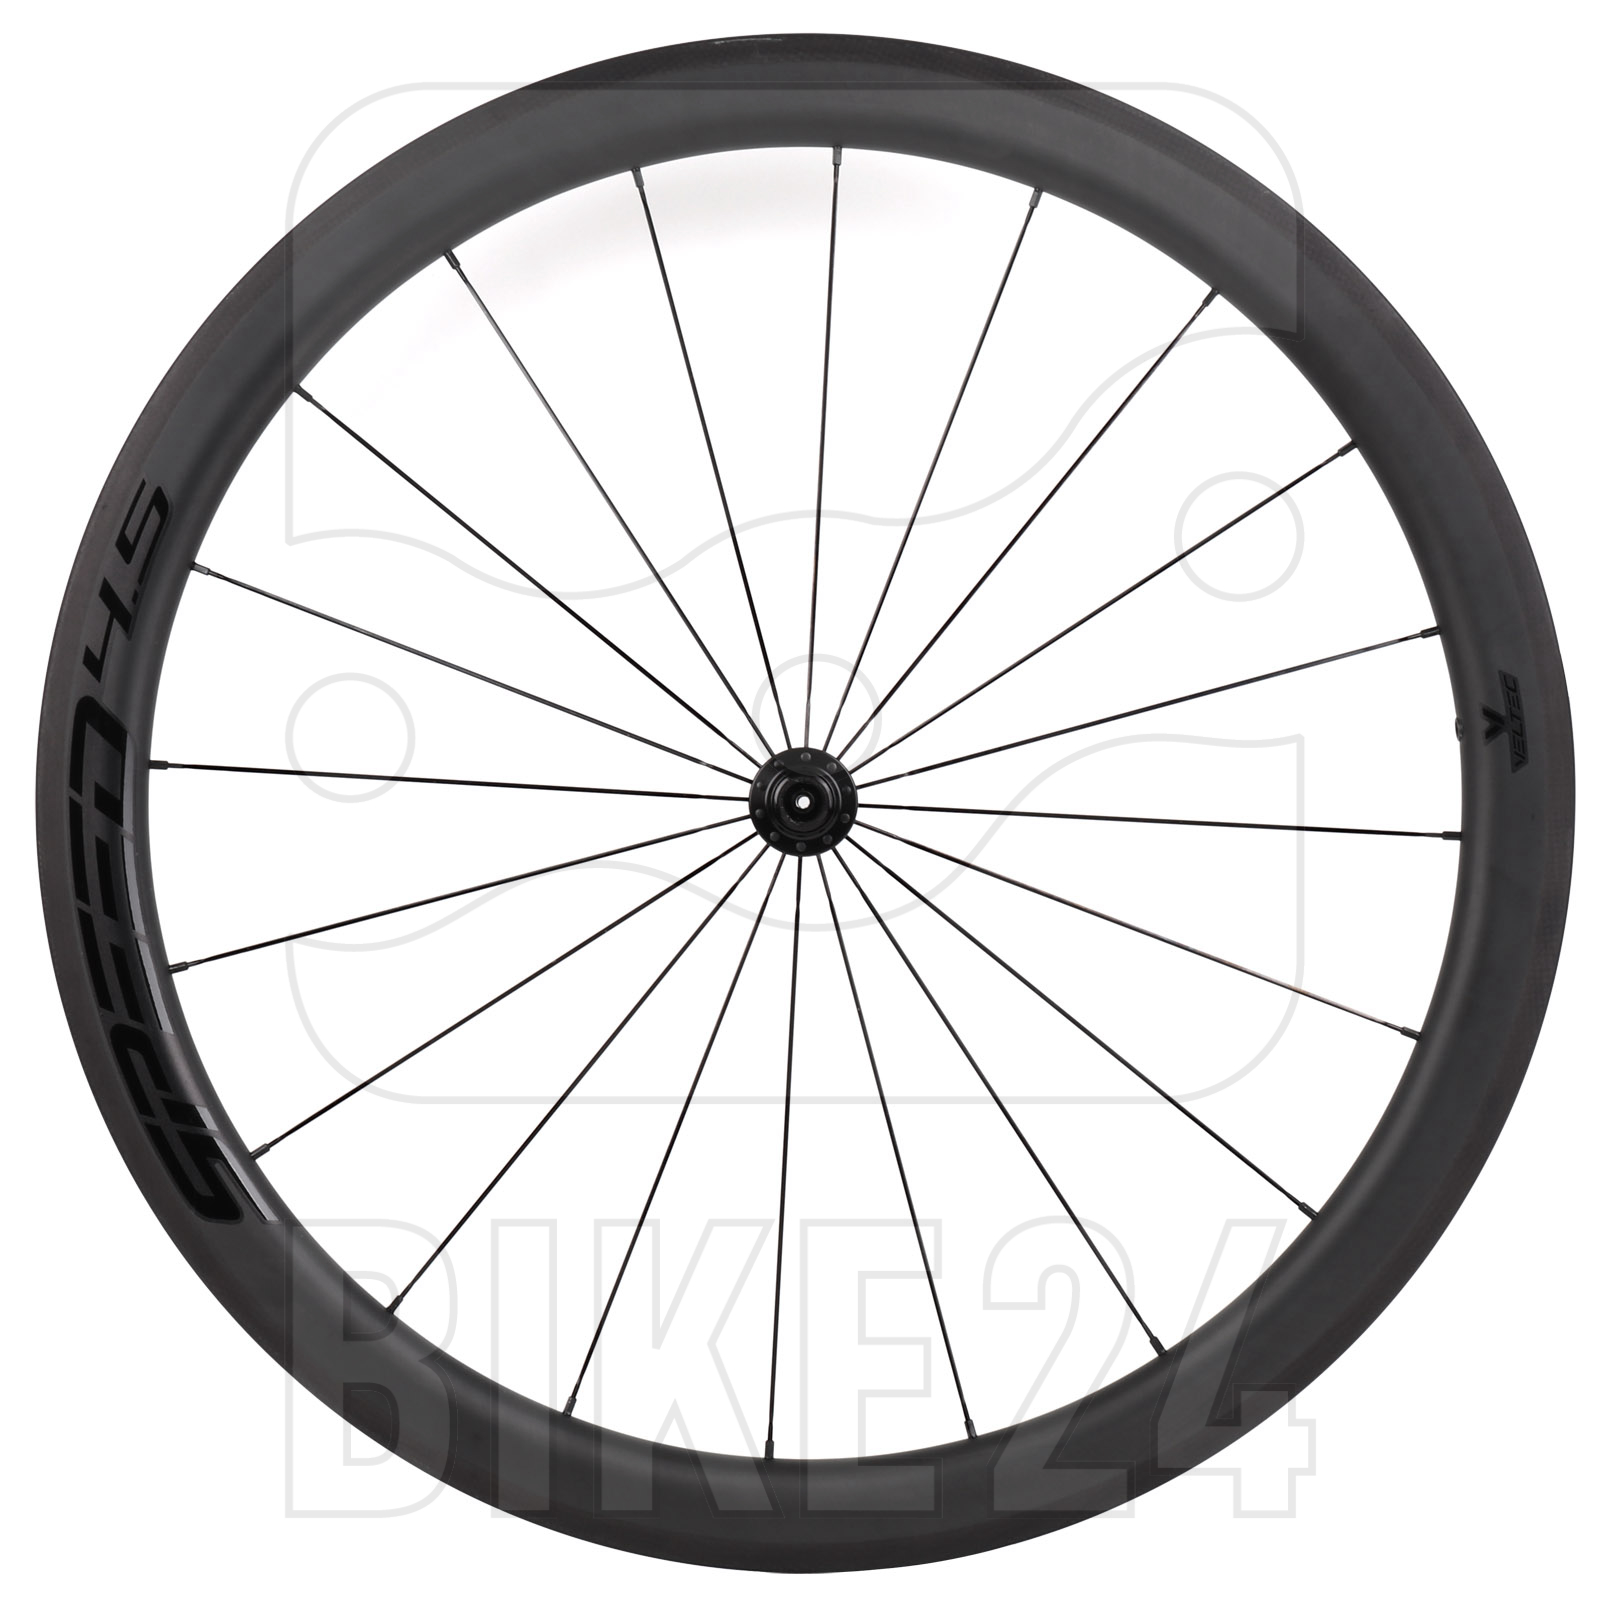 Bild von Veltec Speed 4.5 Carbon Laufradsatz - Drahtreifen - QR100/QR130 - schwarz mit schwarzen Decals